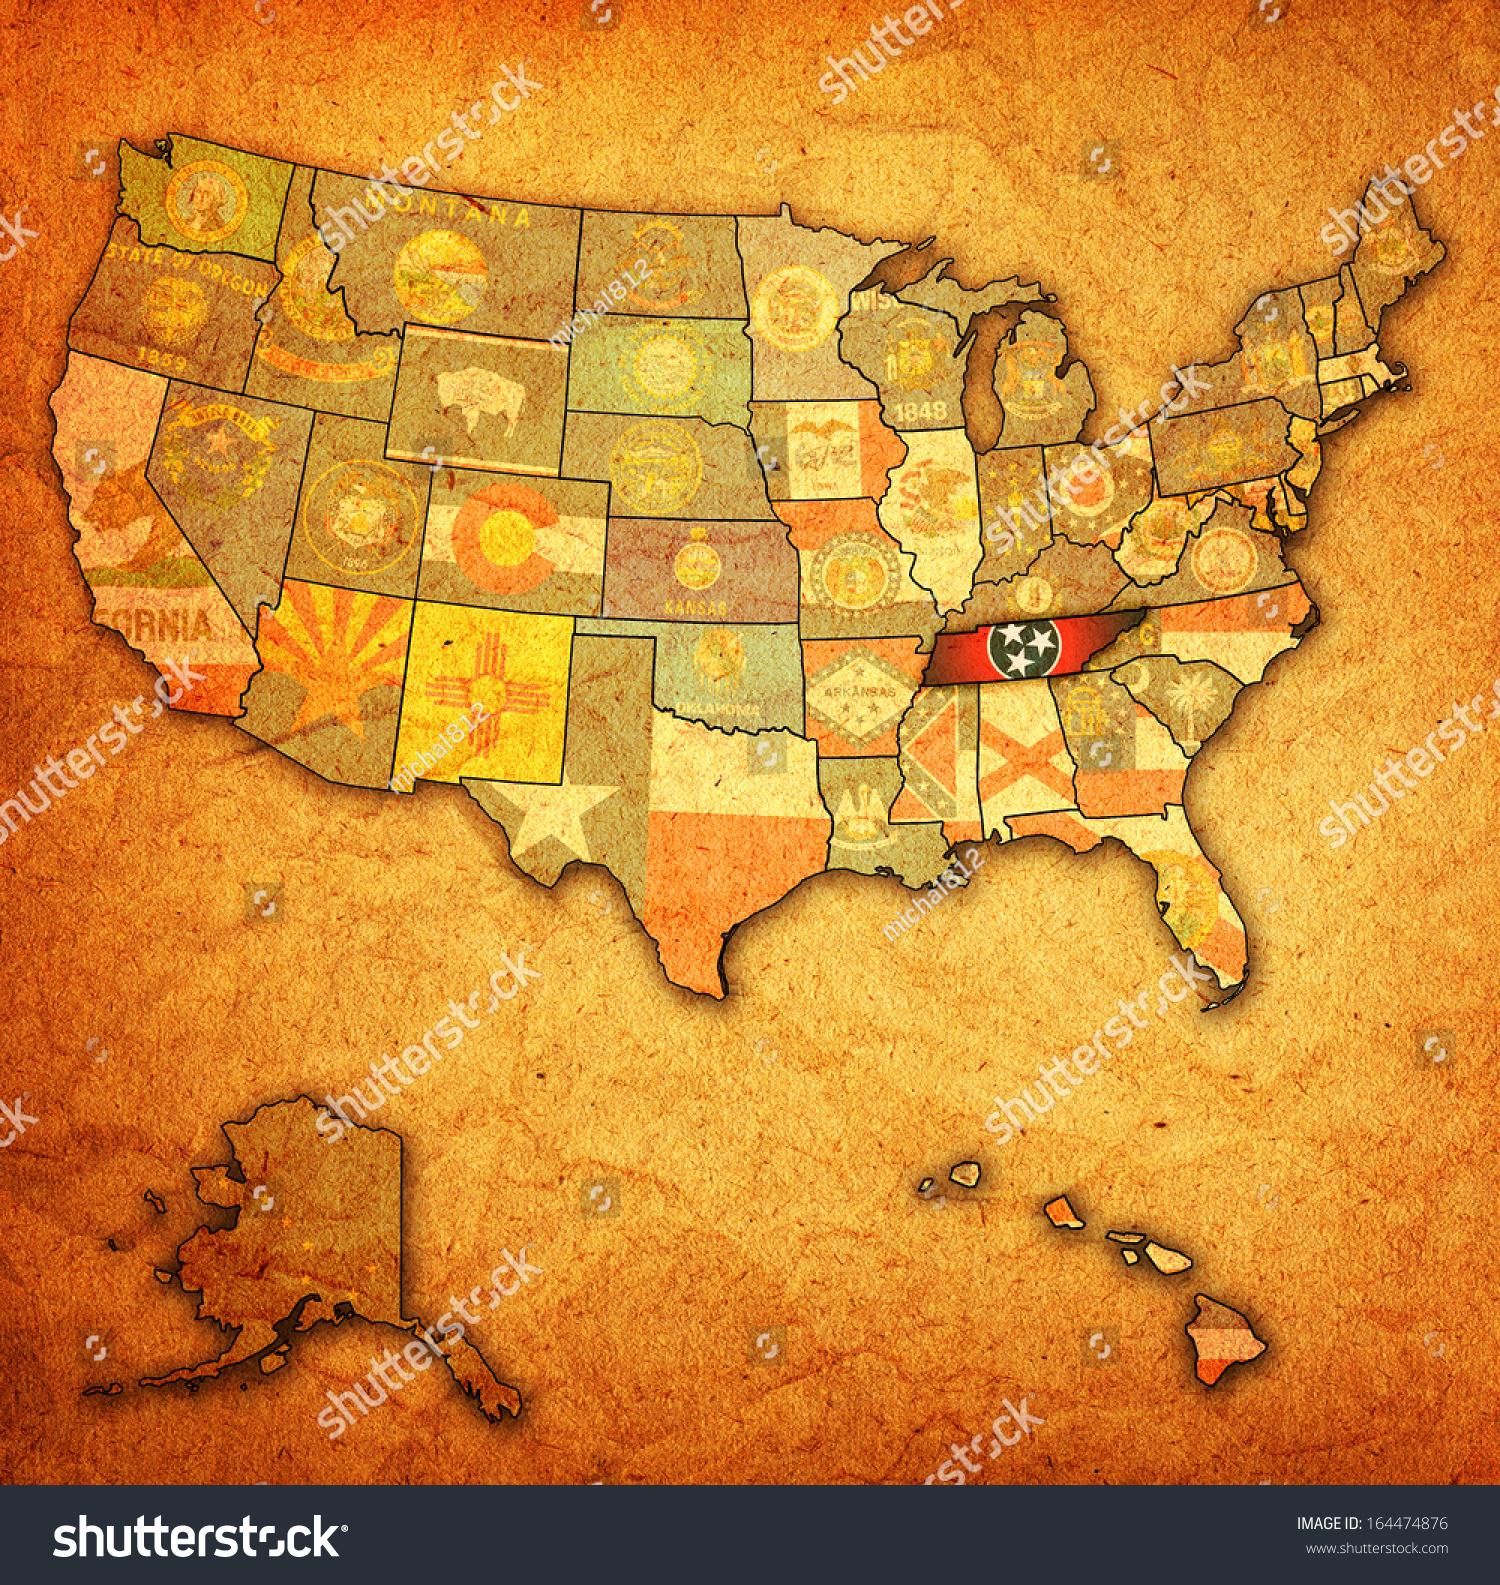 Free Photo United States Map Free Image On Pixabay 1137085 Old